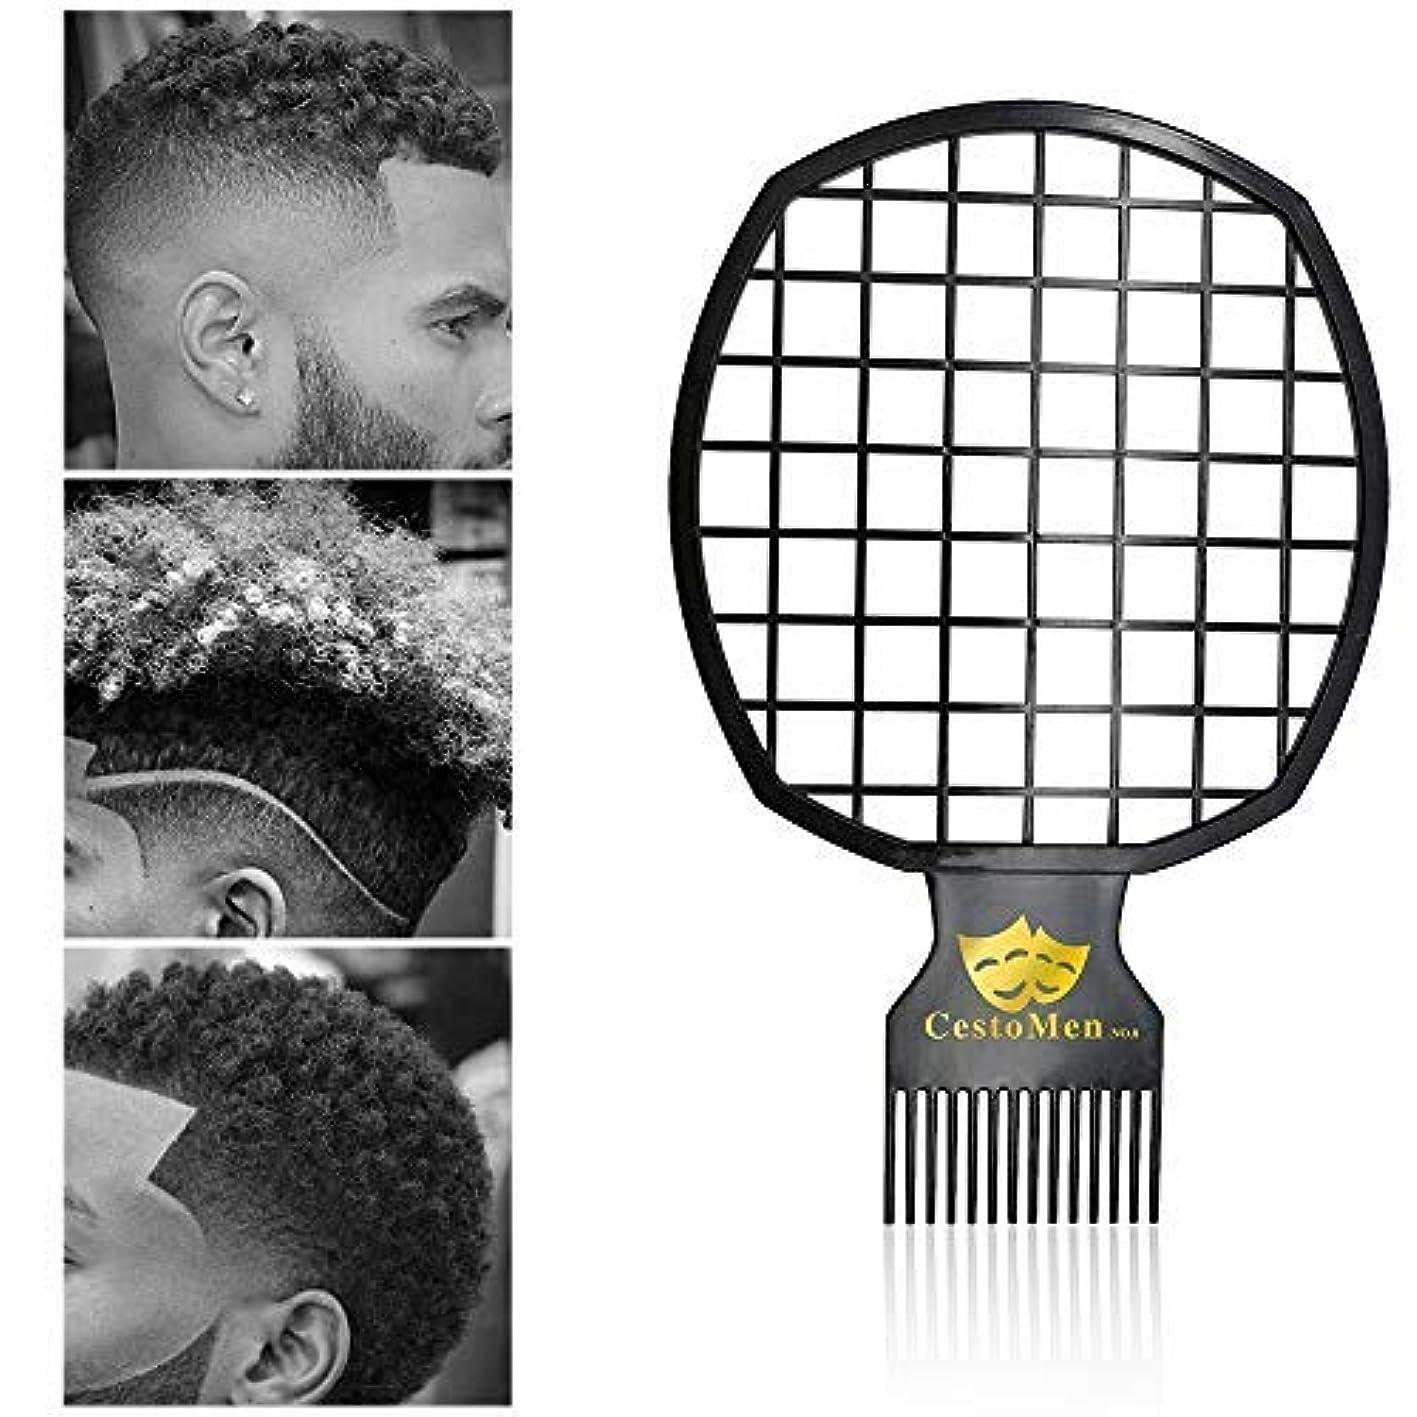 に対応揺れるミンチAfro Twist Comb Portable Two-In-One Hair Comb for Natural Twists Curls Coils Dreads Hair Styling Tool for Black...